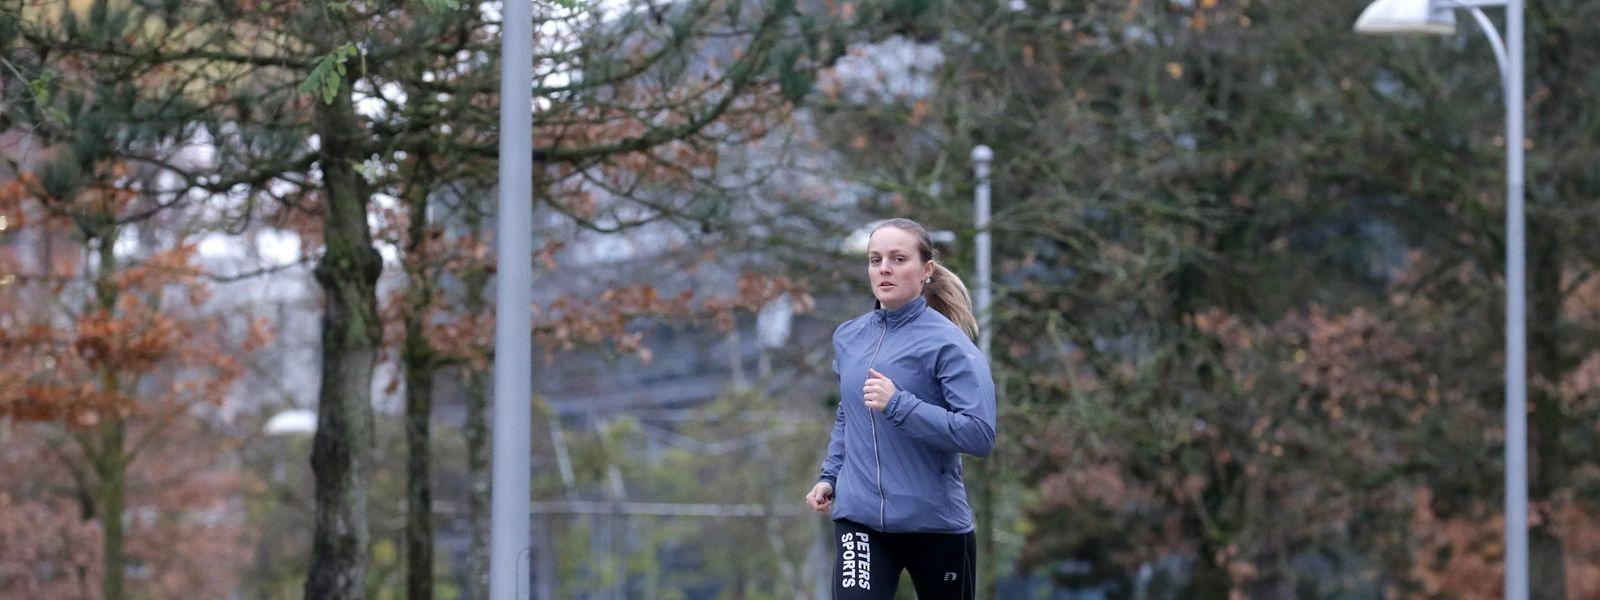 Die Leichtathletik ist die alte Liebe von Liz May.